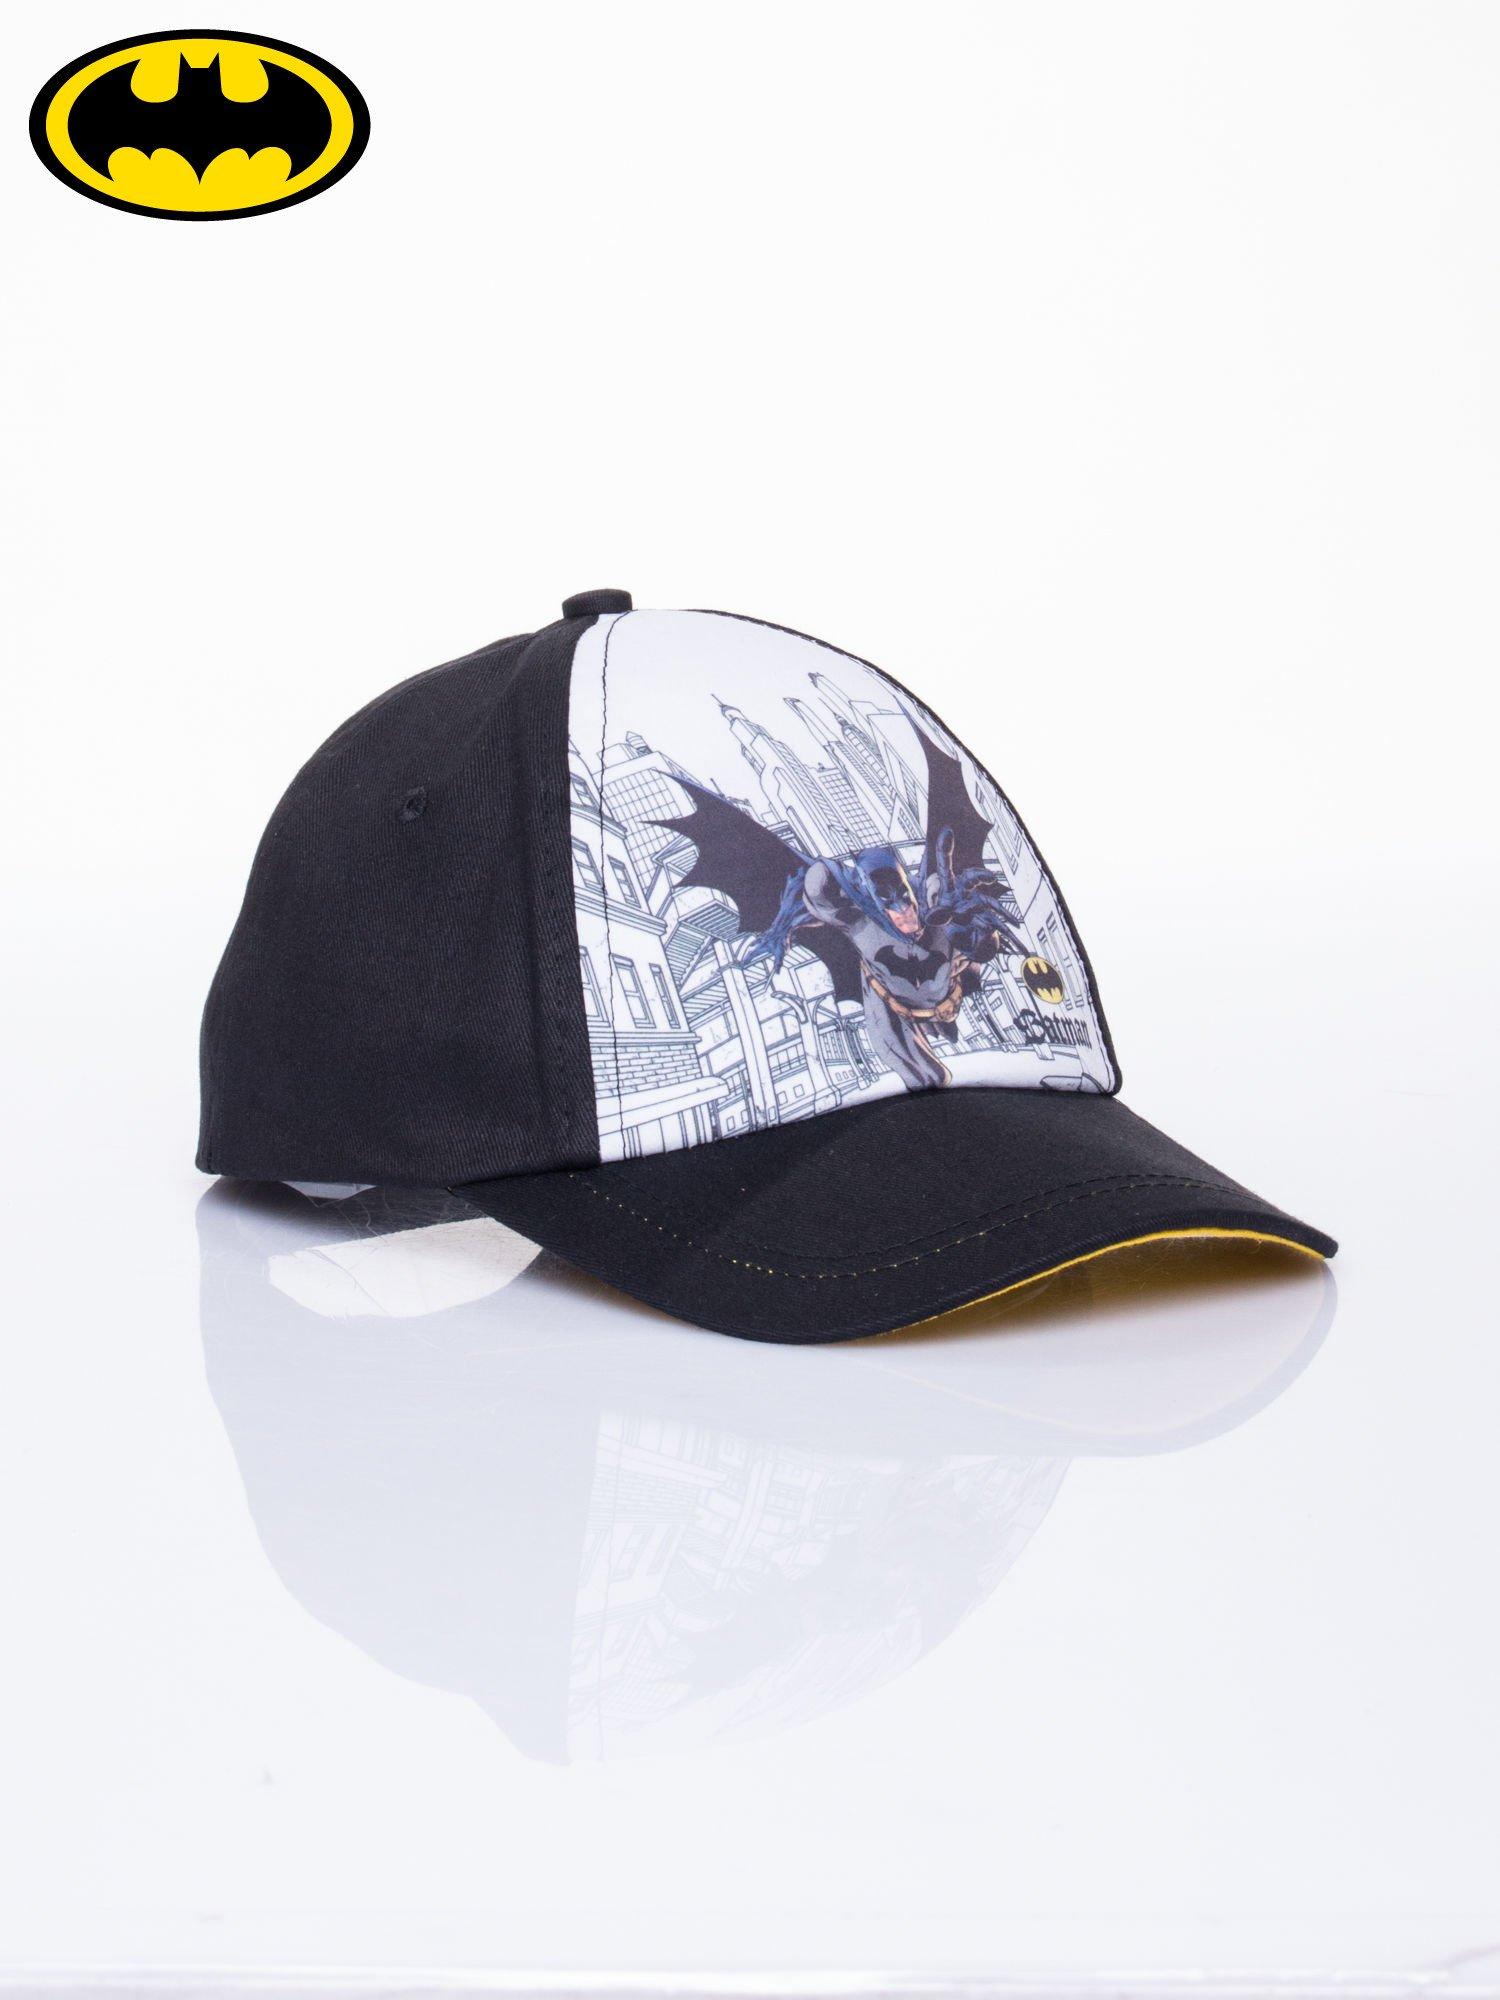 Czarna chłopięca czapka z daszkiem BATMAN                                  zdj.                                  2